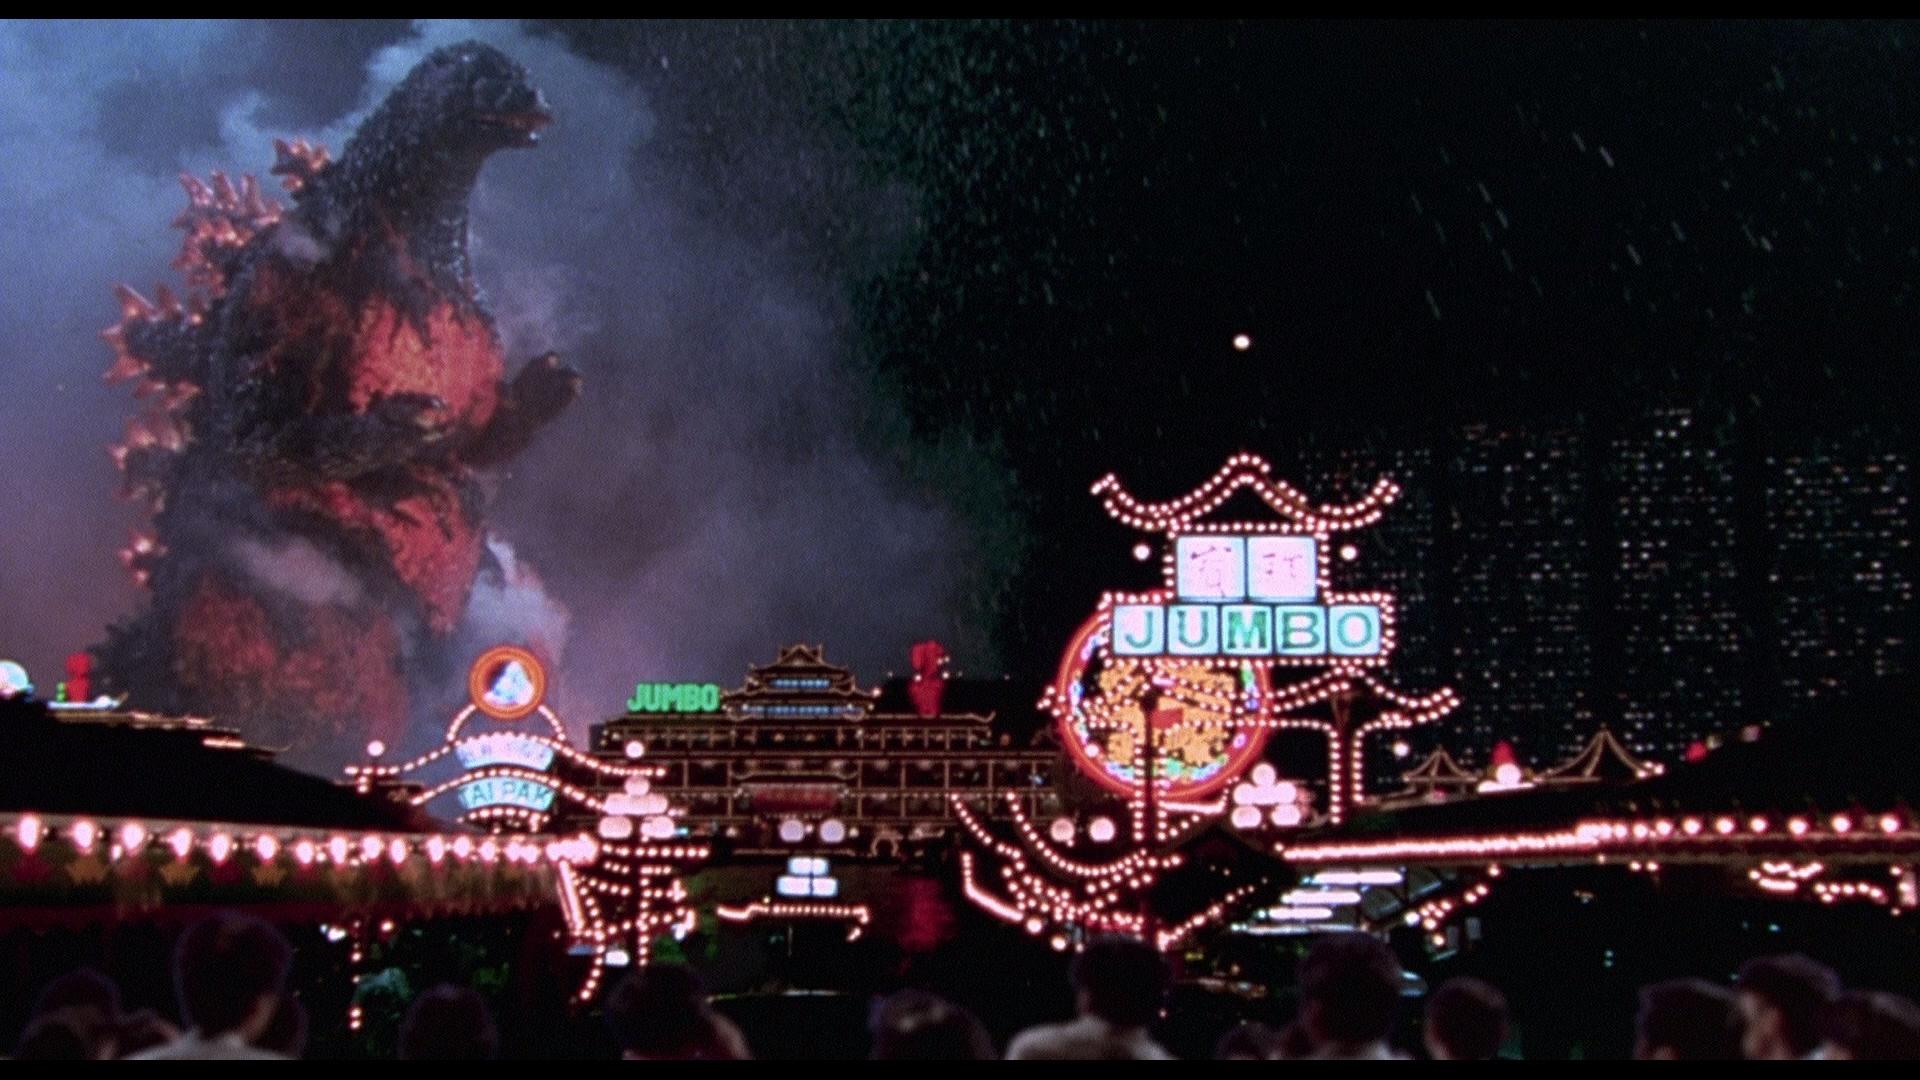 Burning Godzilla attacks Hong Kong